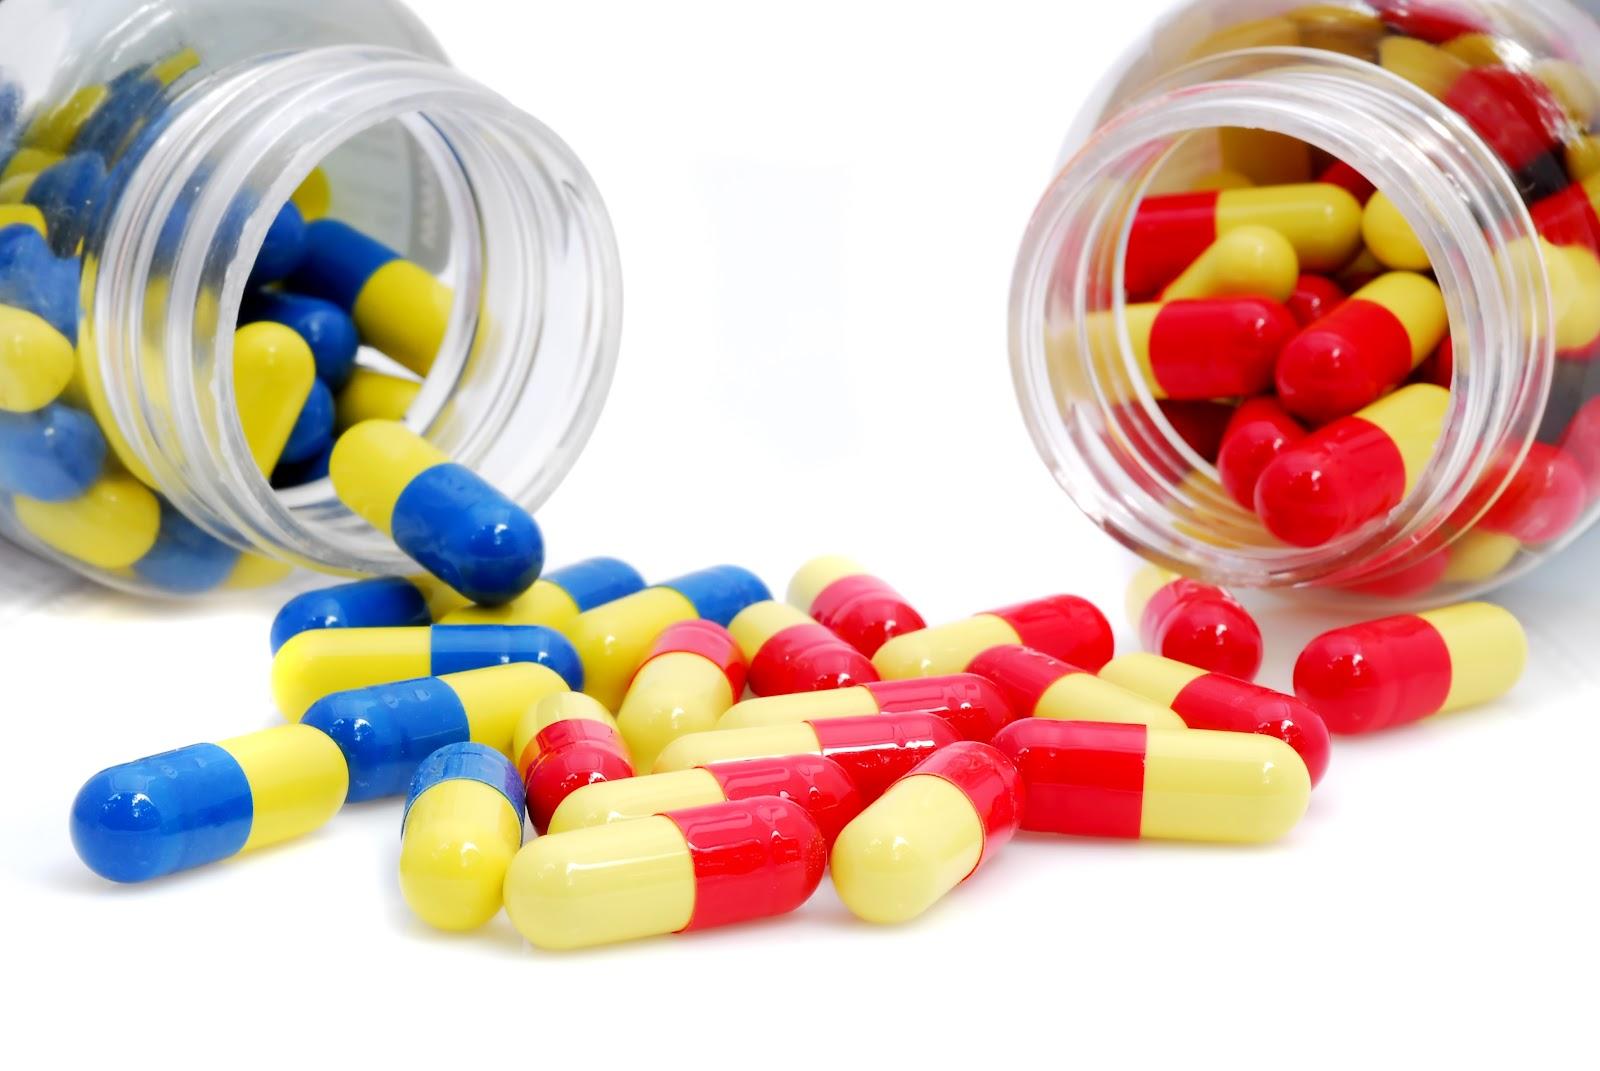 Medicamentos: Postos de Saúde em Joinville normalizam distribuição de itens que estavam em falta